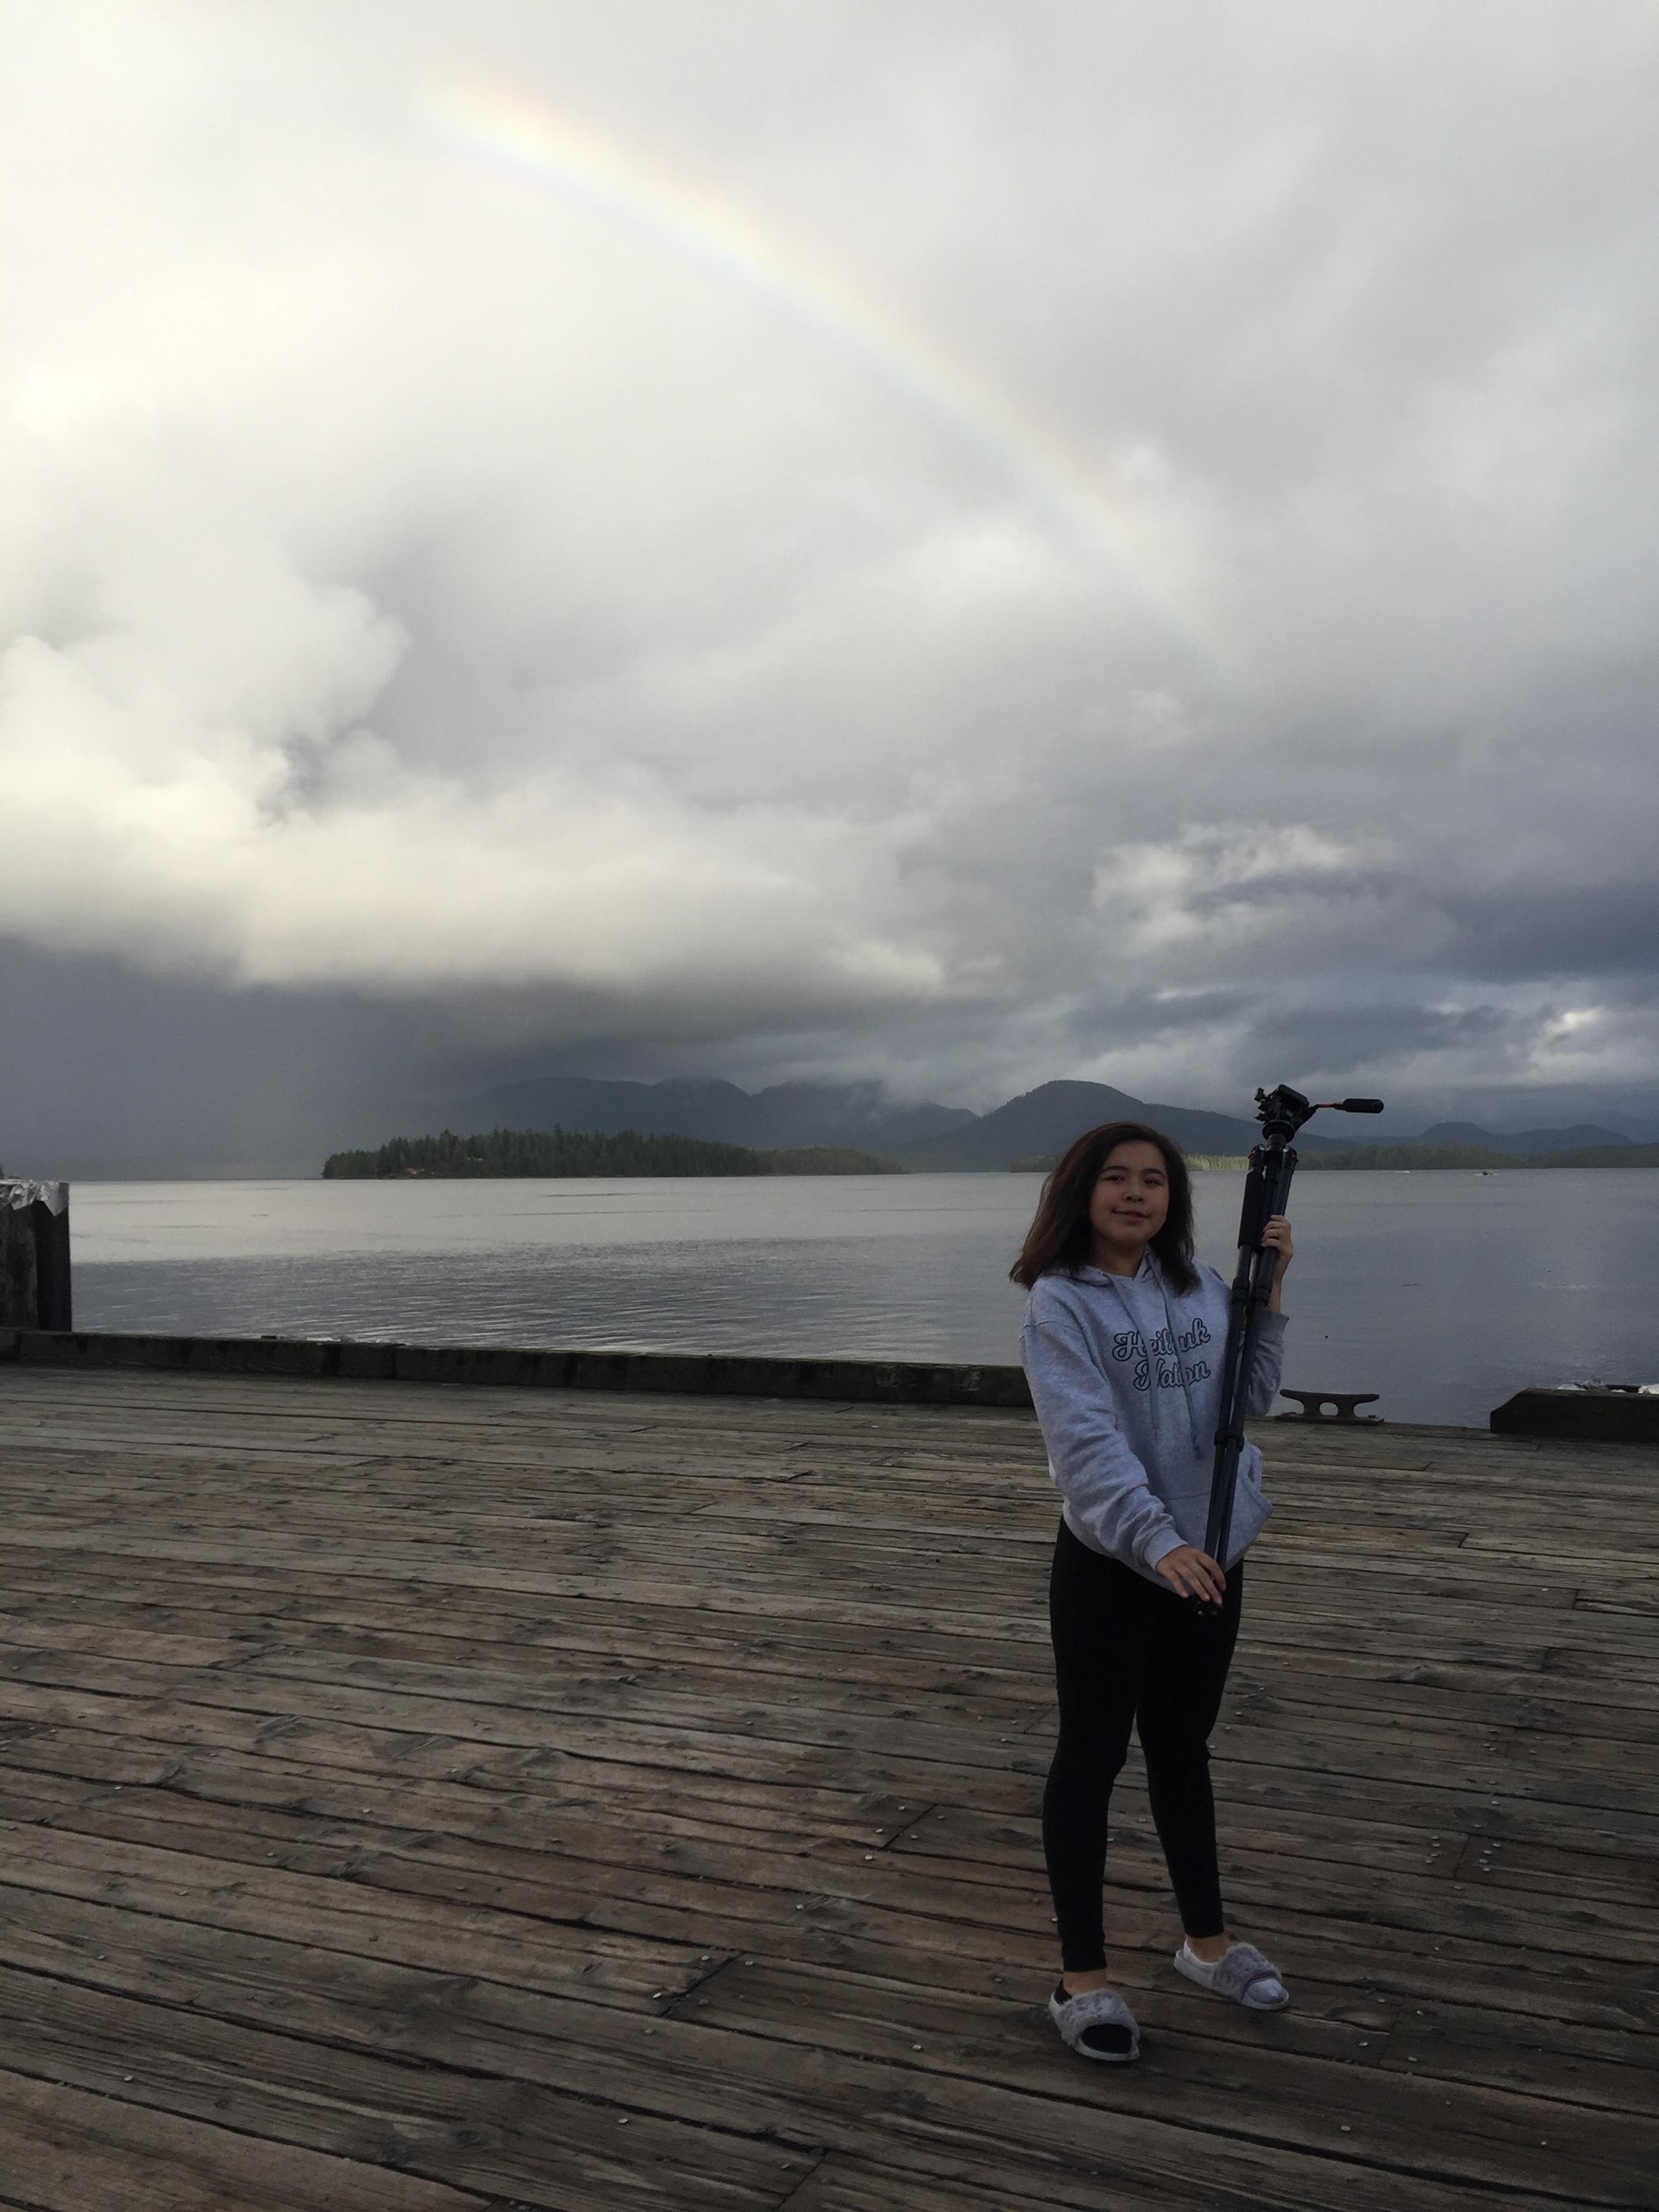 Latoya and the rainbow